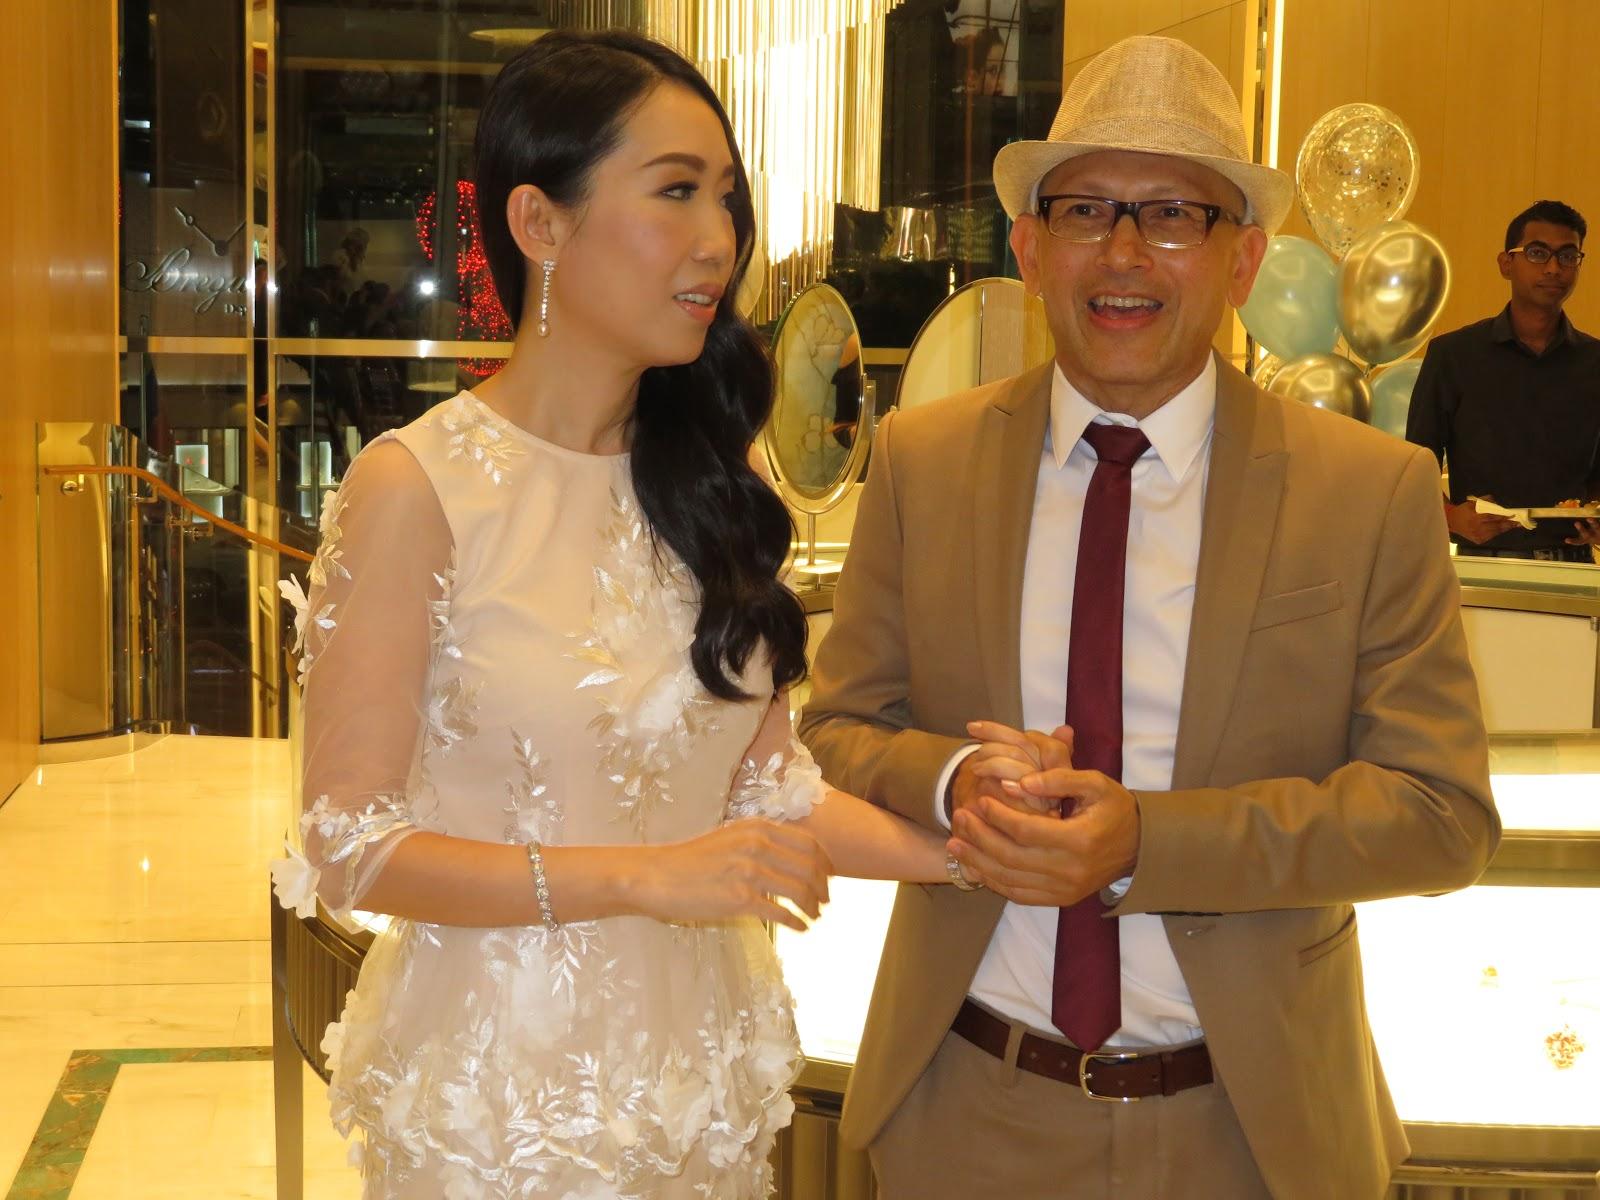 Kee Hua Chee Live Miki Choong er nu engageret og vil-9469